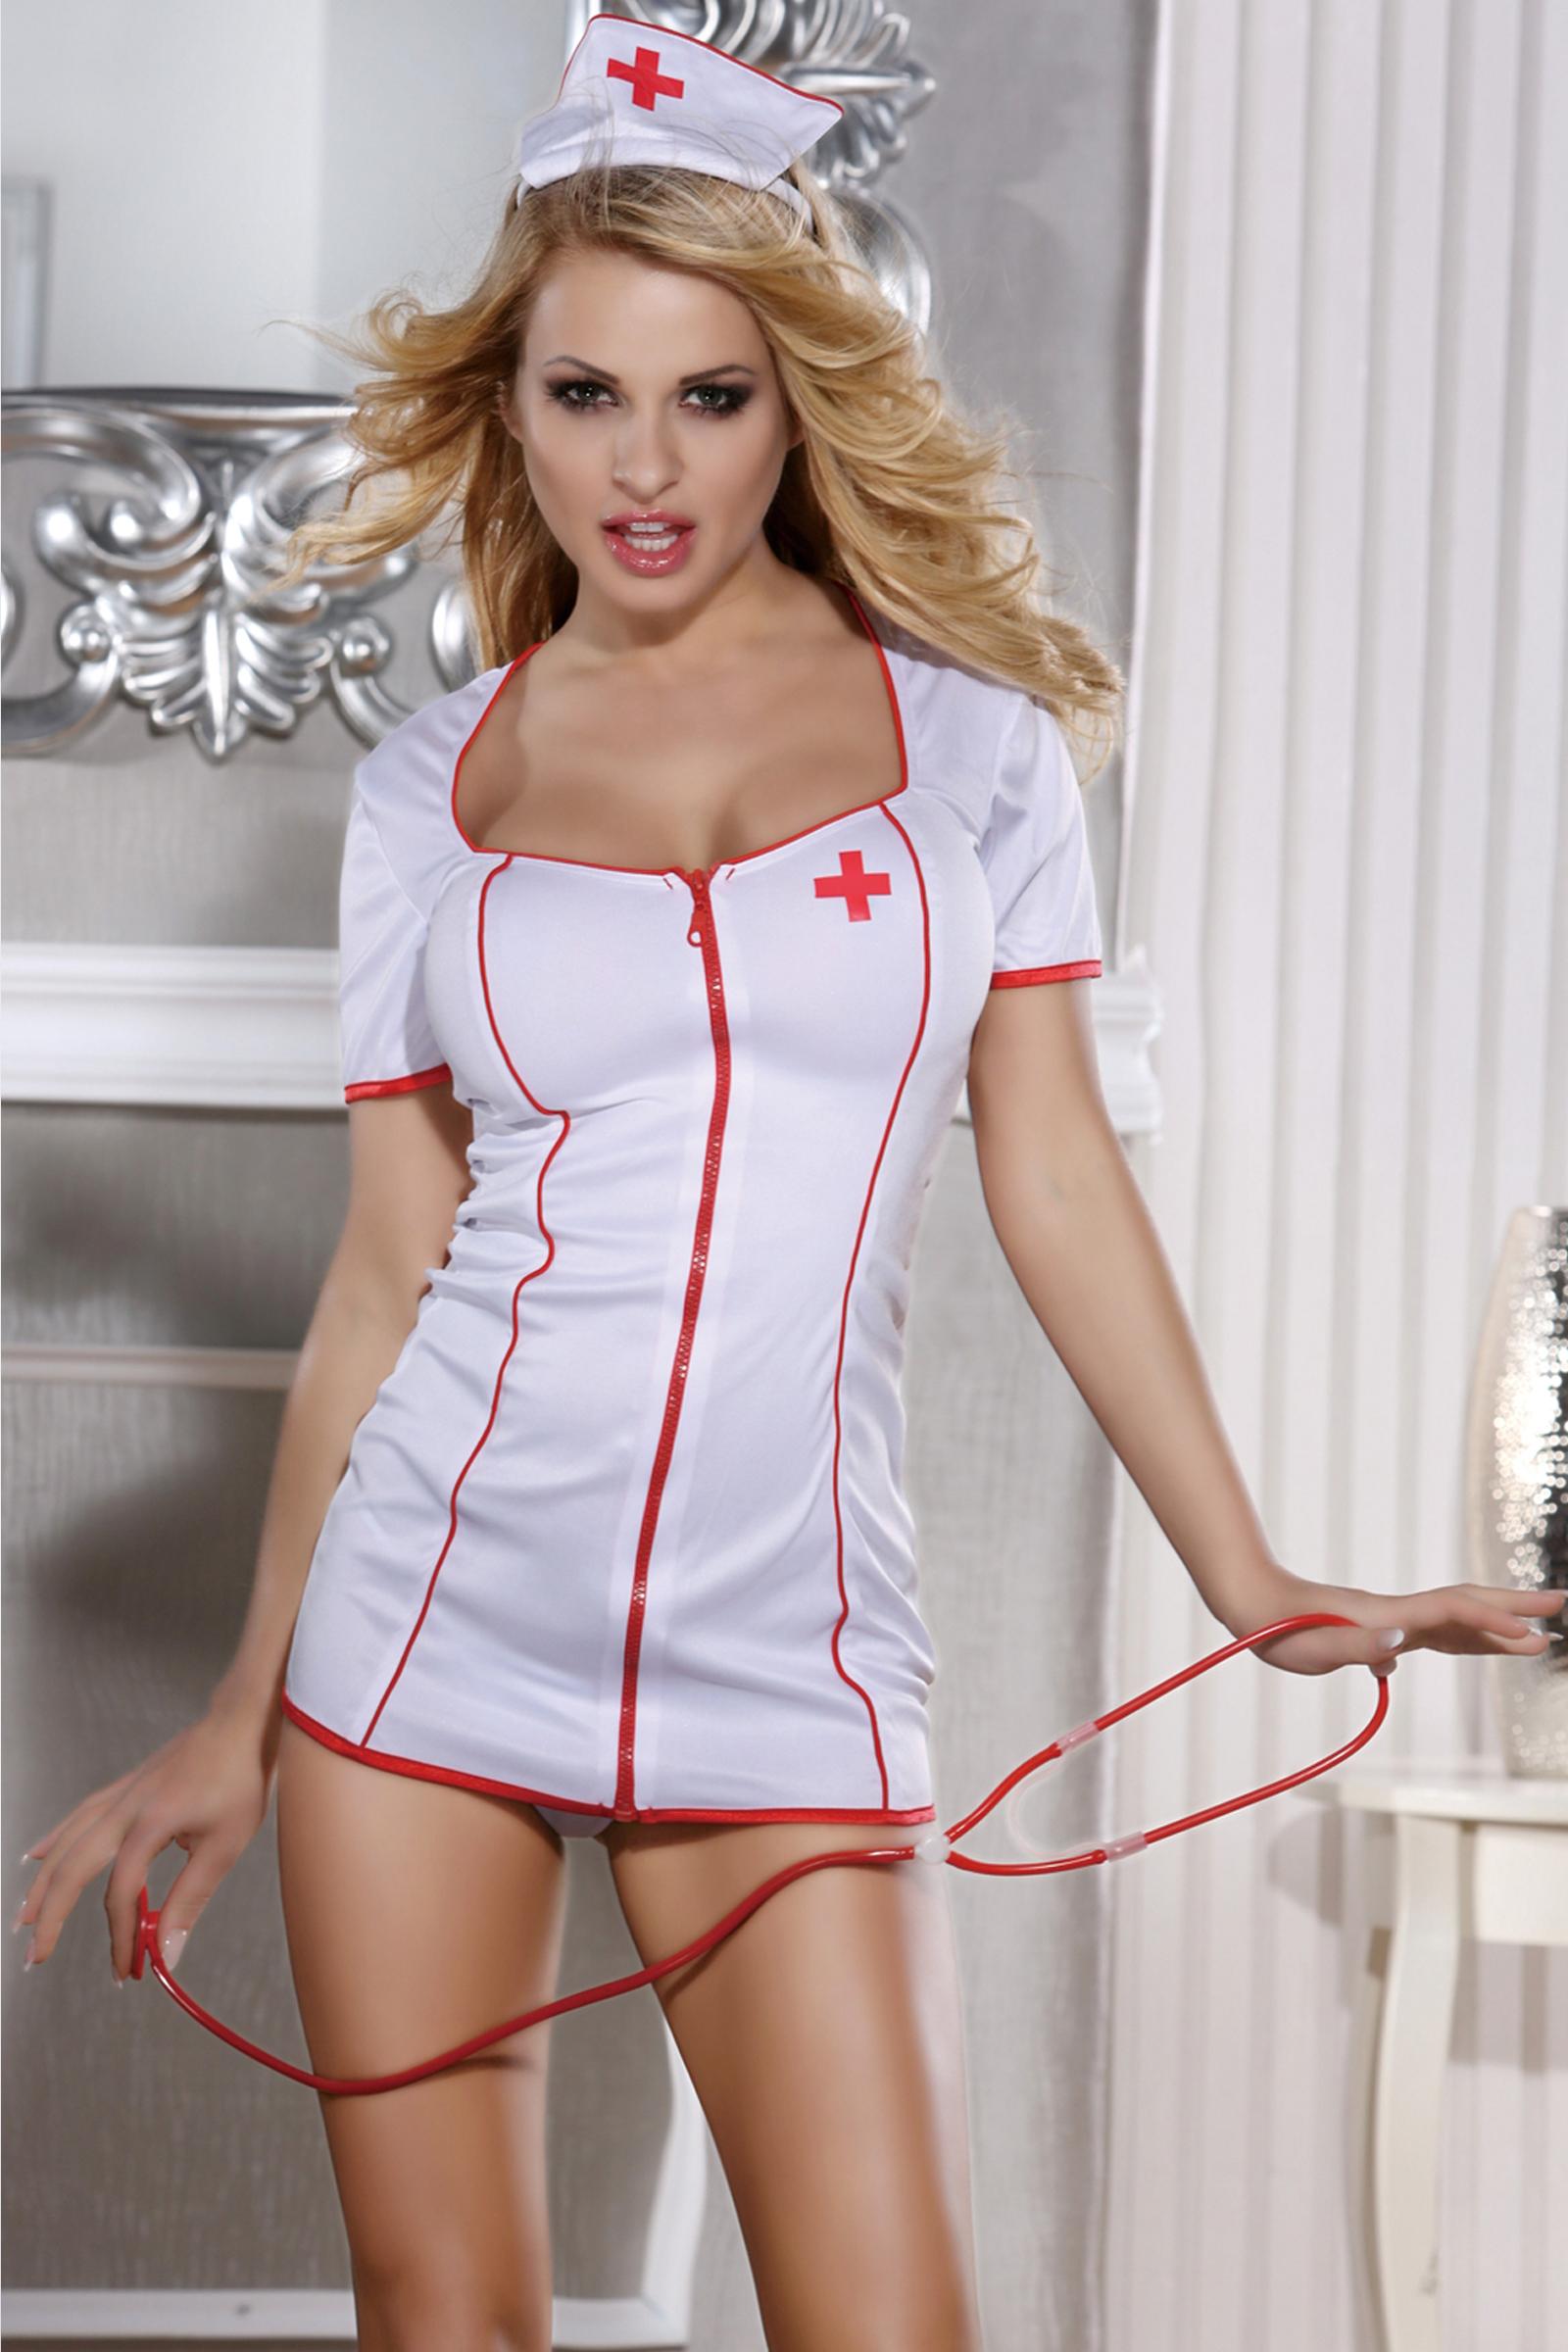 Фото медсестры секси